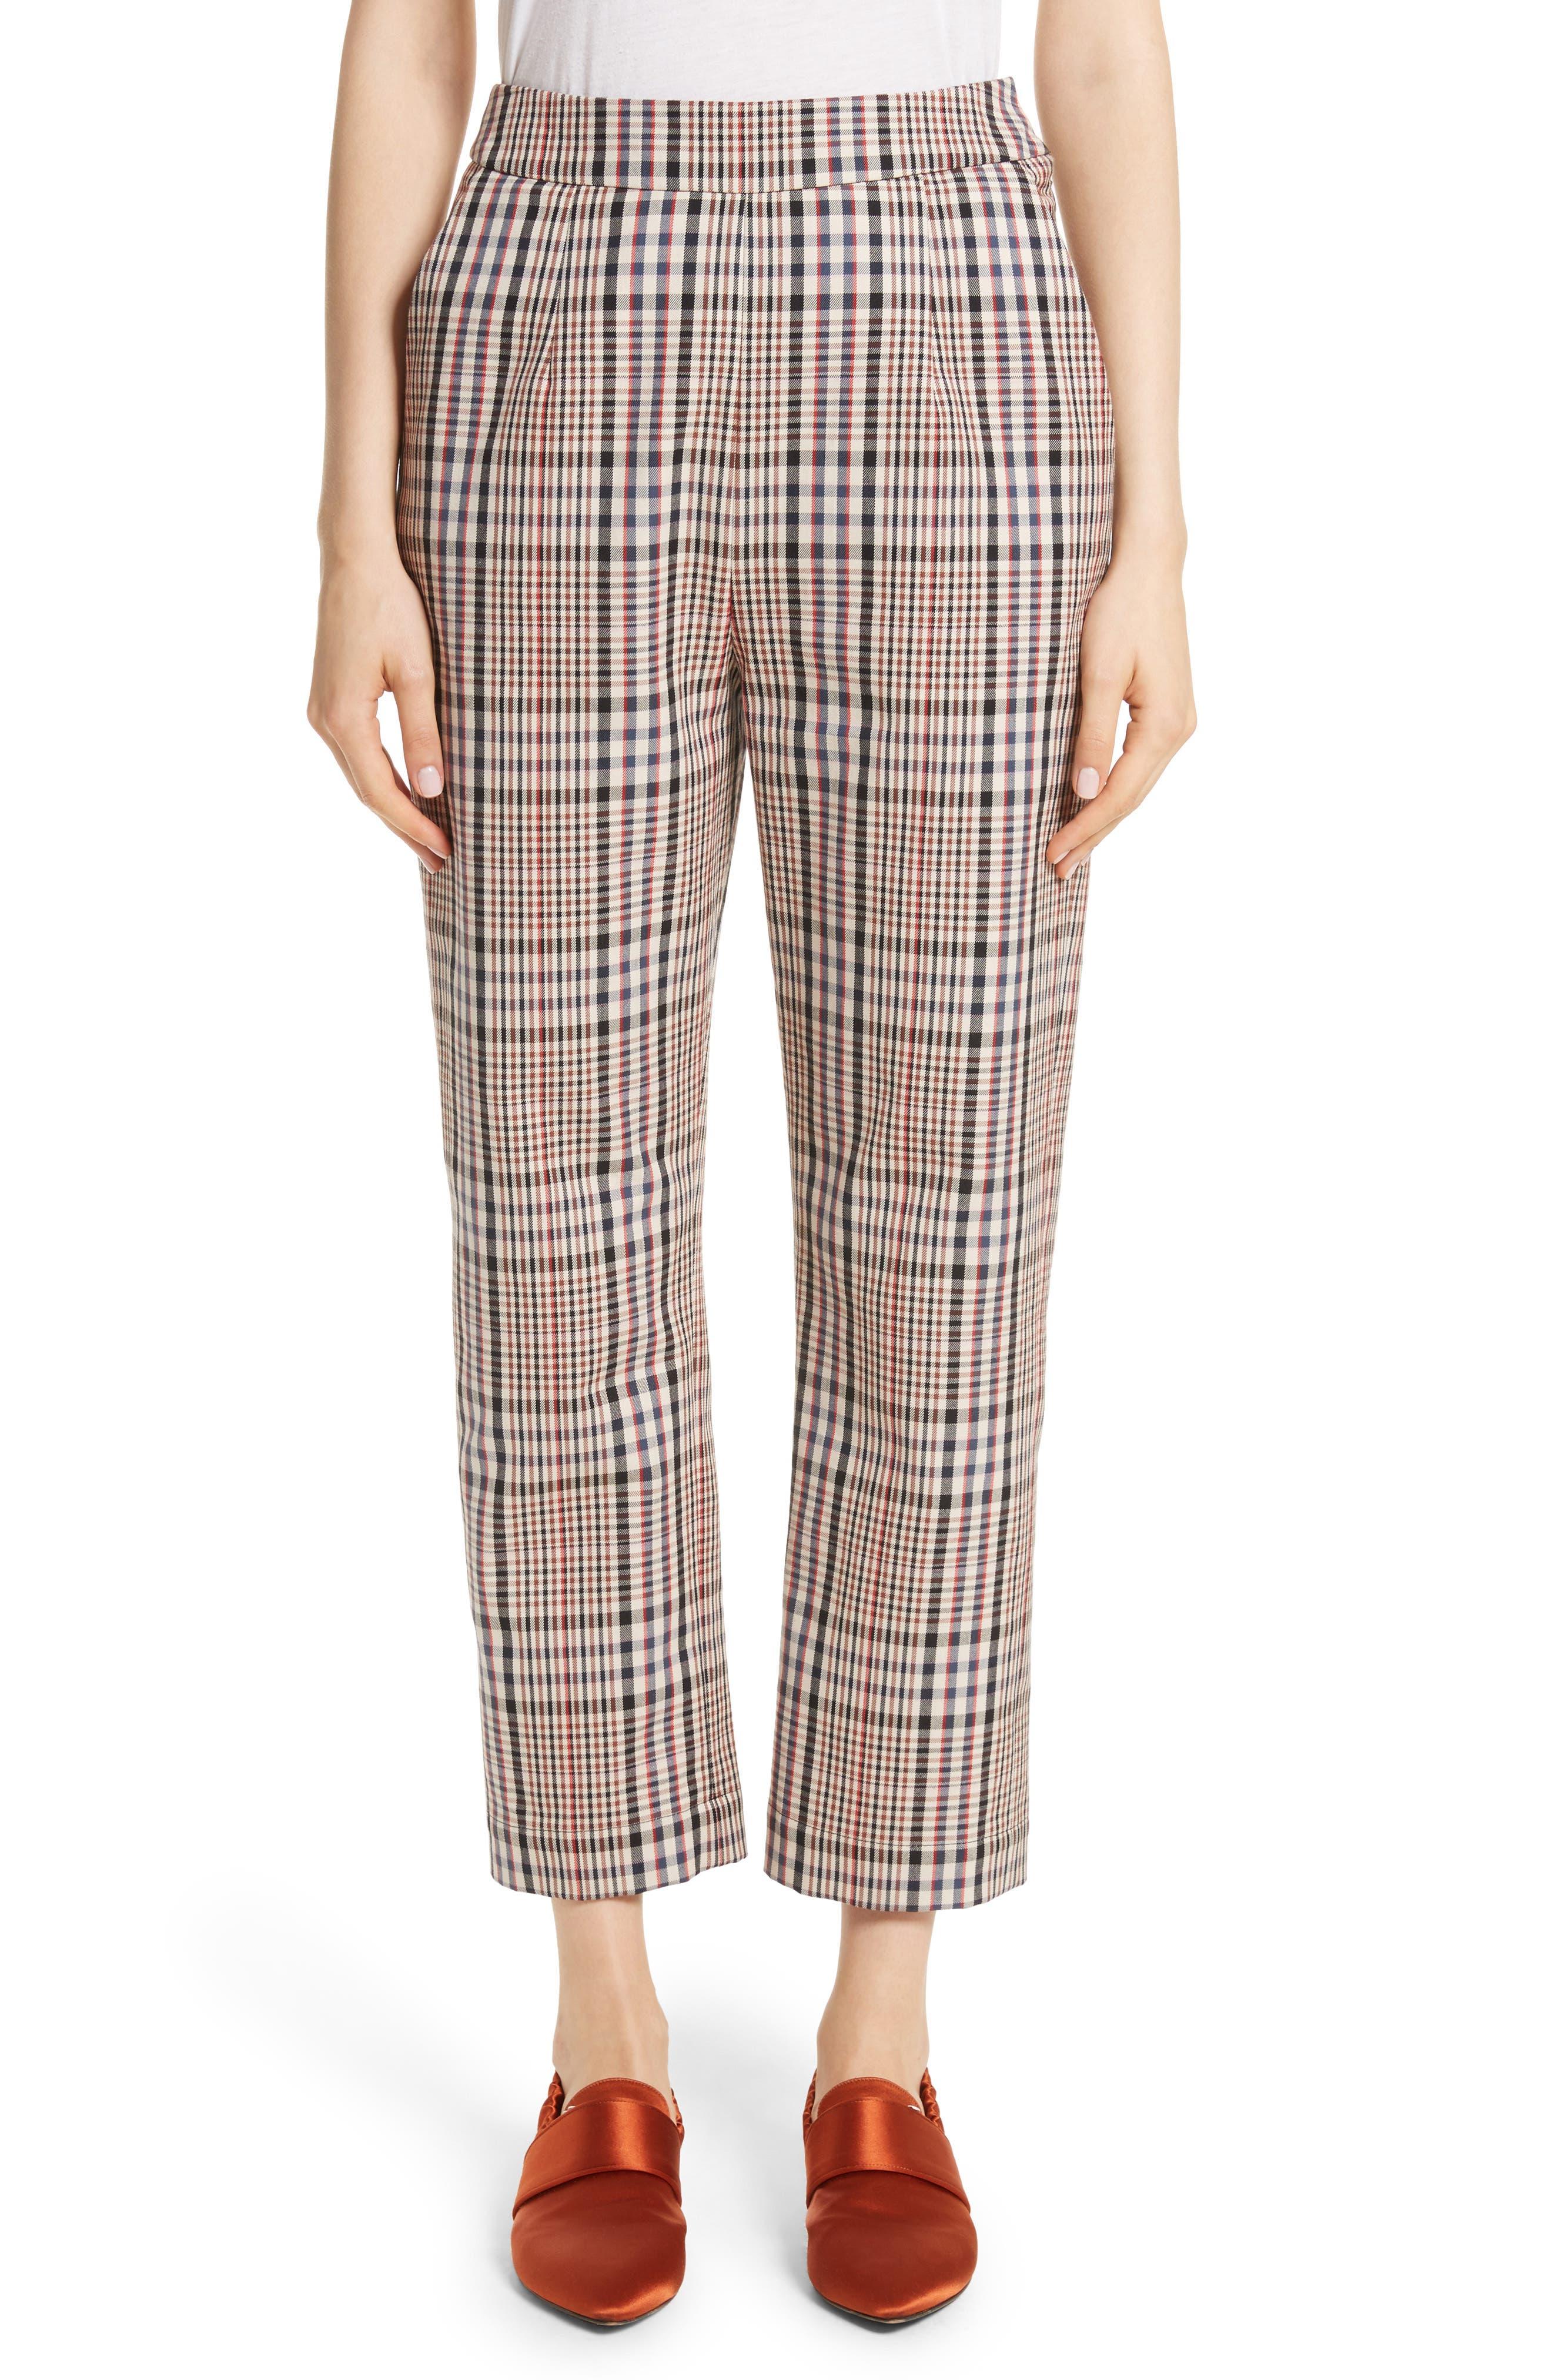 Classic Pantalone Crop Pants,                             Main thumbnail 1, color,                             Brighton